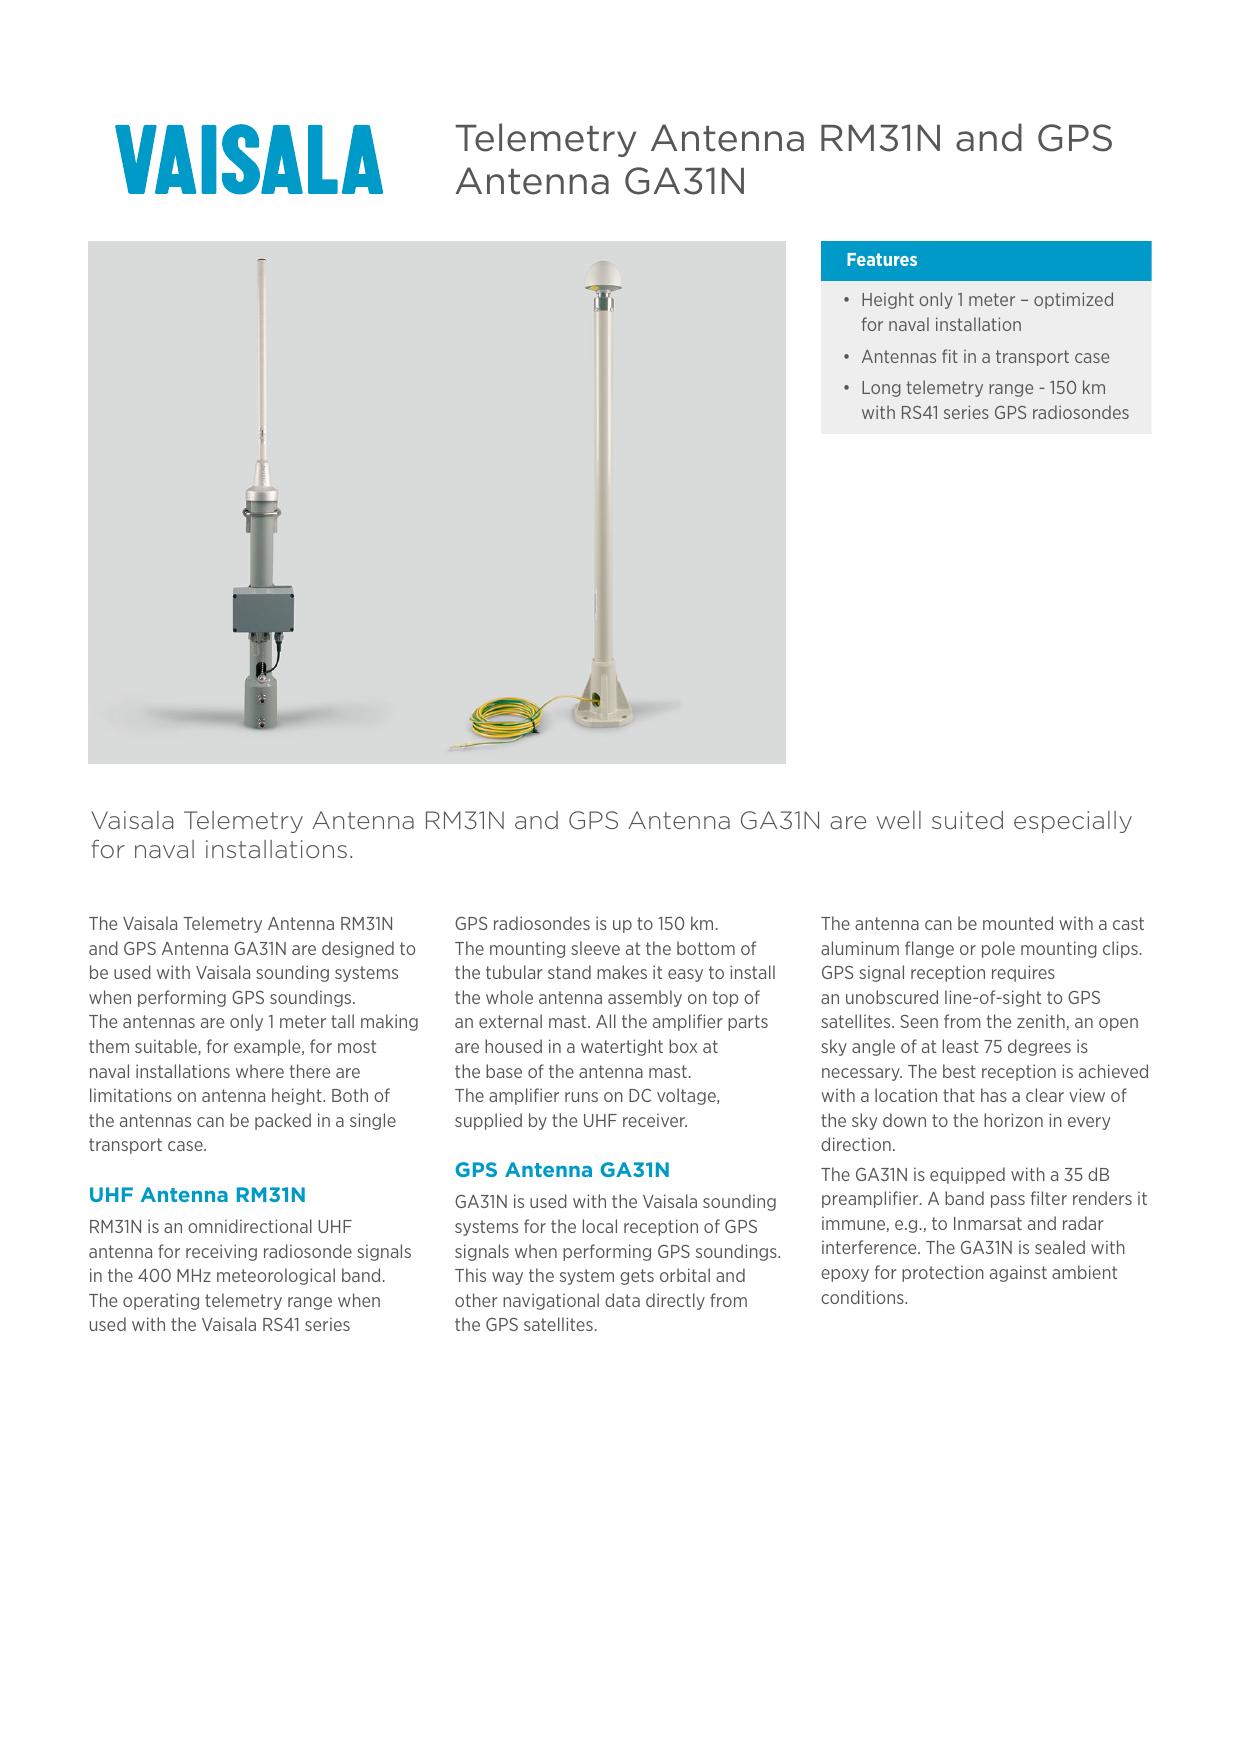 Telemetry Antenna RM31N and GPS Antenna GA31N B211000EN-C